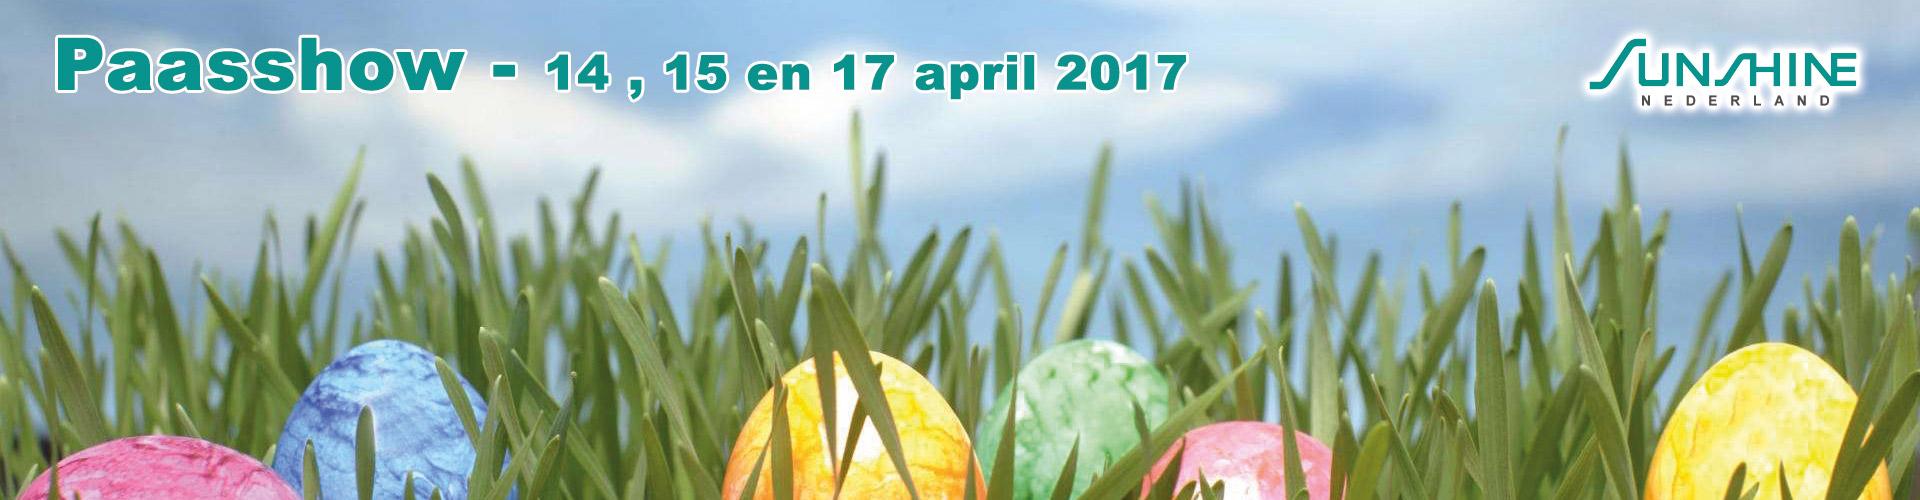 Paasshow Sunshine Nederland